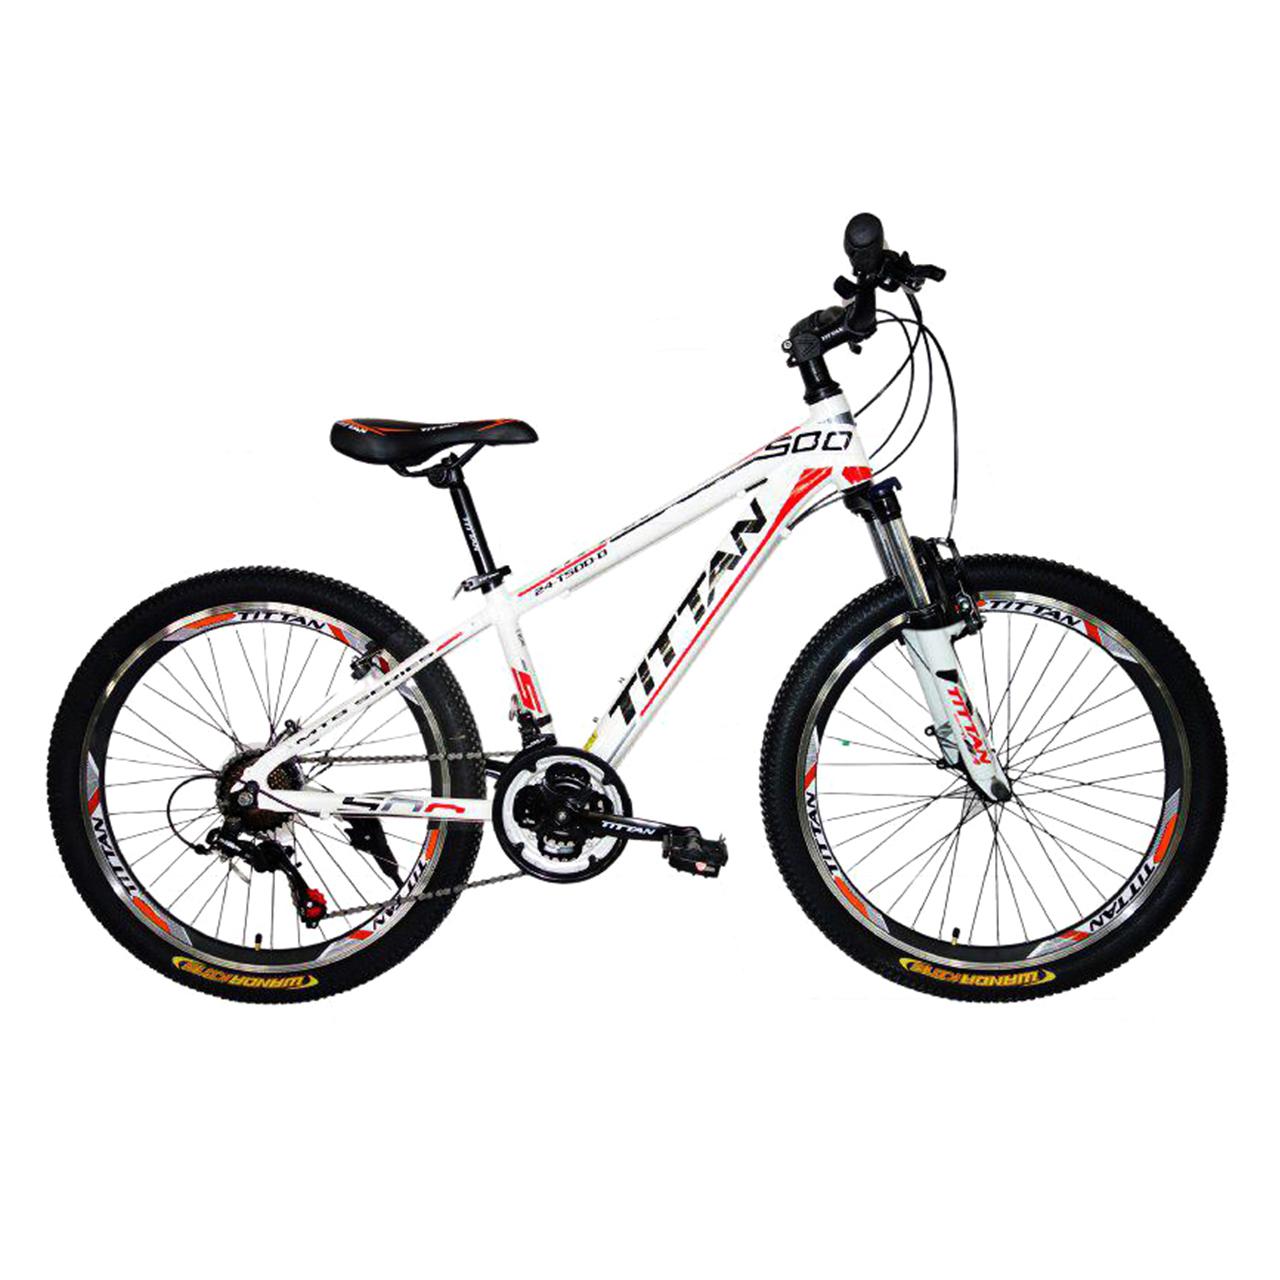 دوچرخه کوهستان تیتان مدل Bally کد 24101 سایز 24